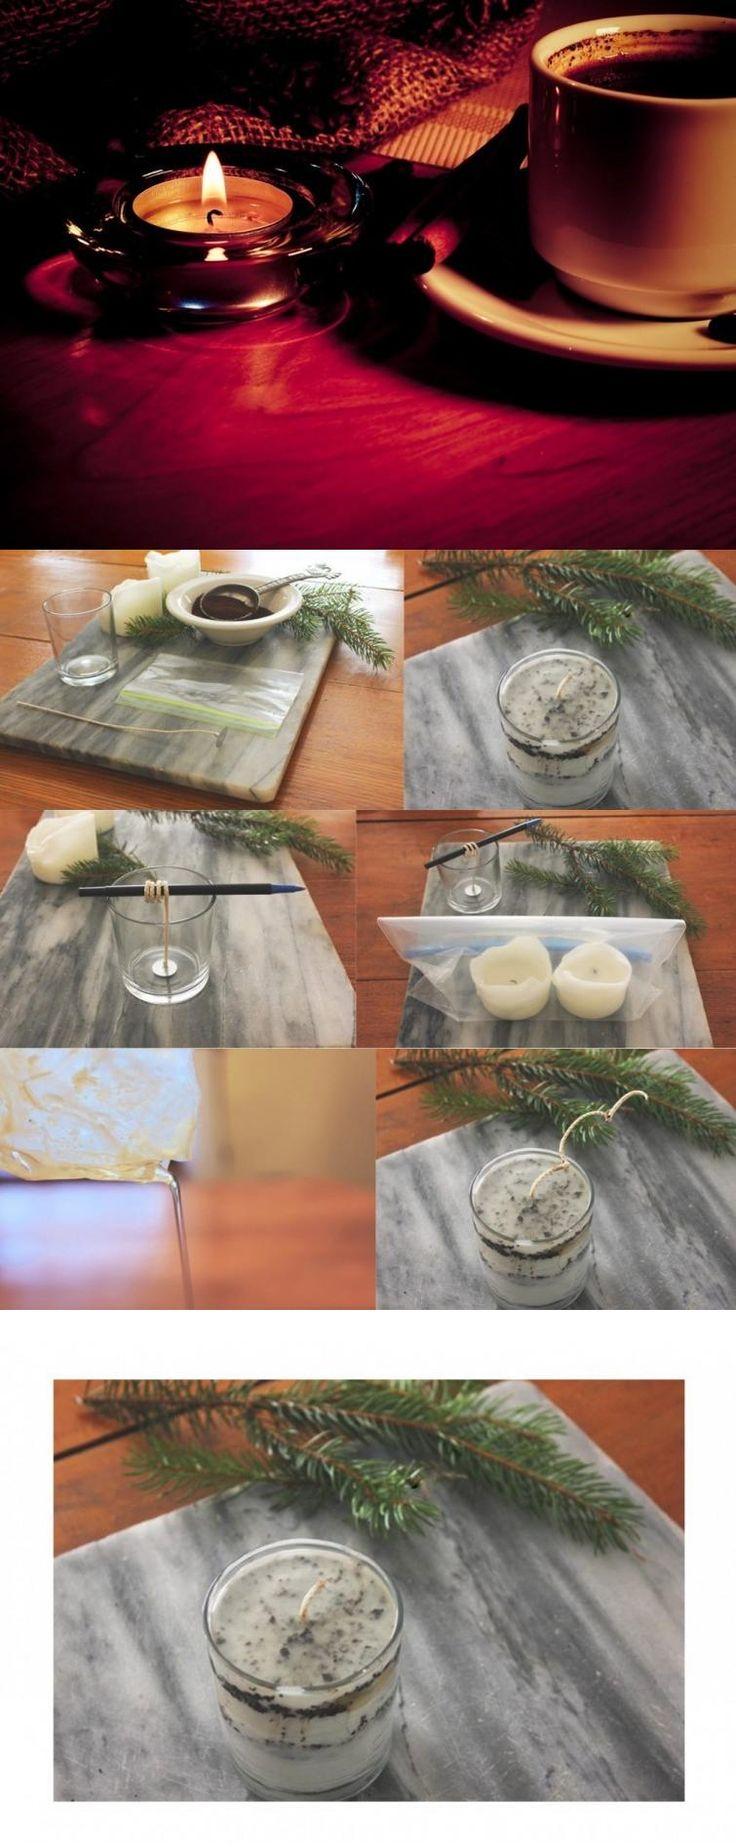 Aromatiza tu hogar reutilizando velas viejas y posos de café